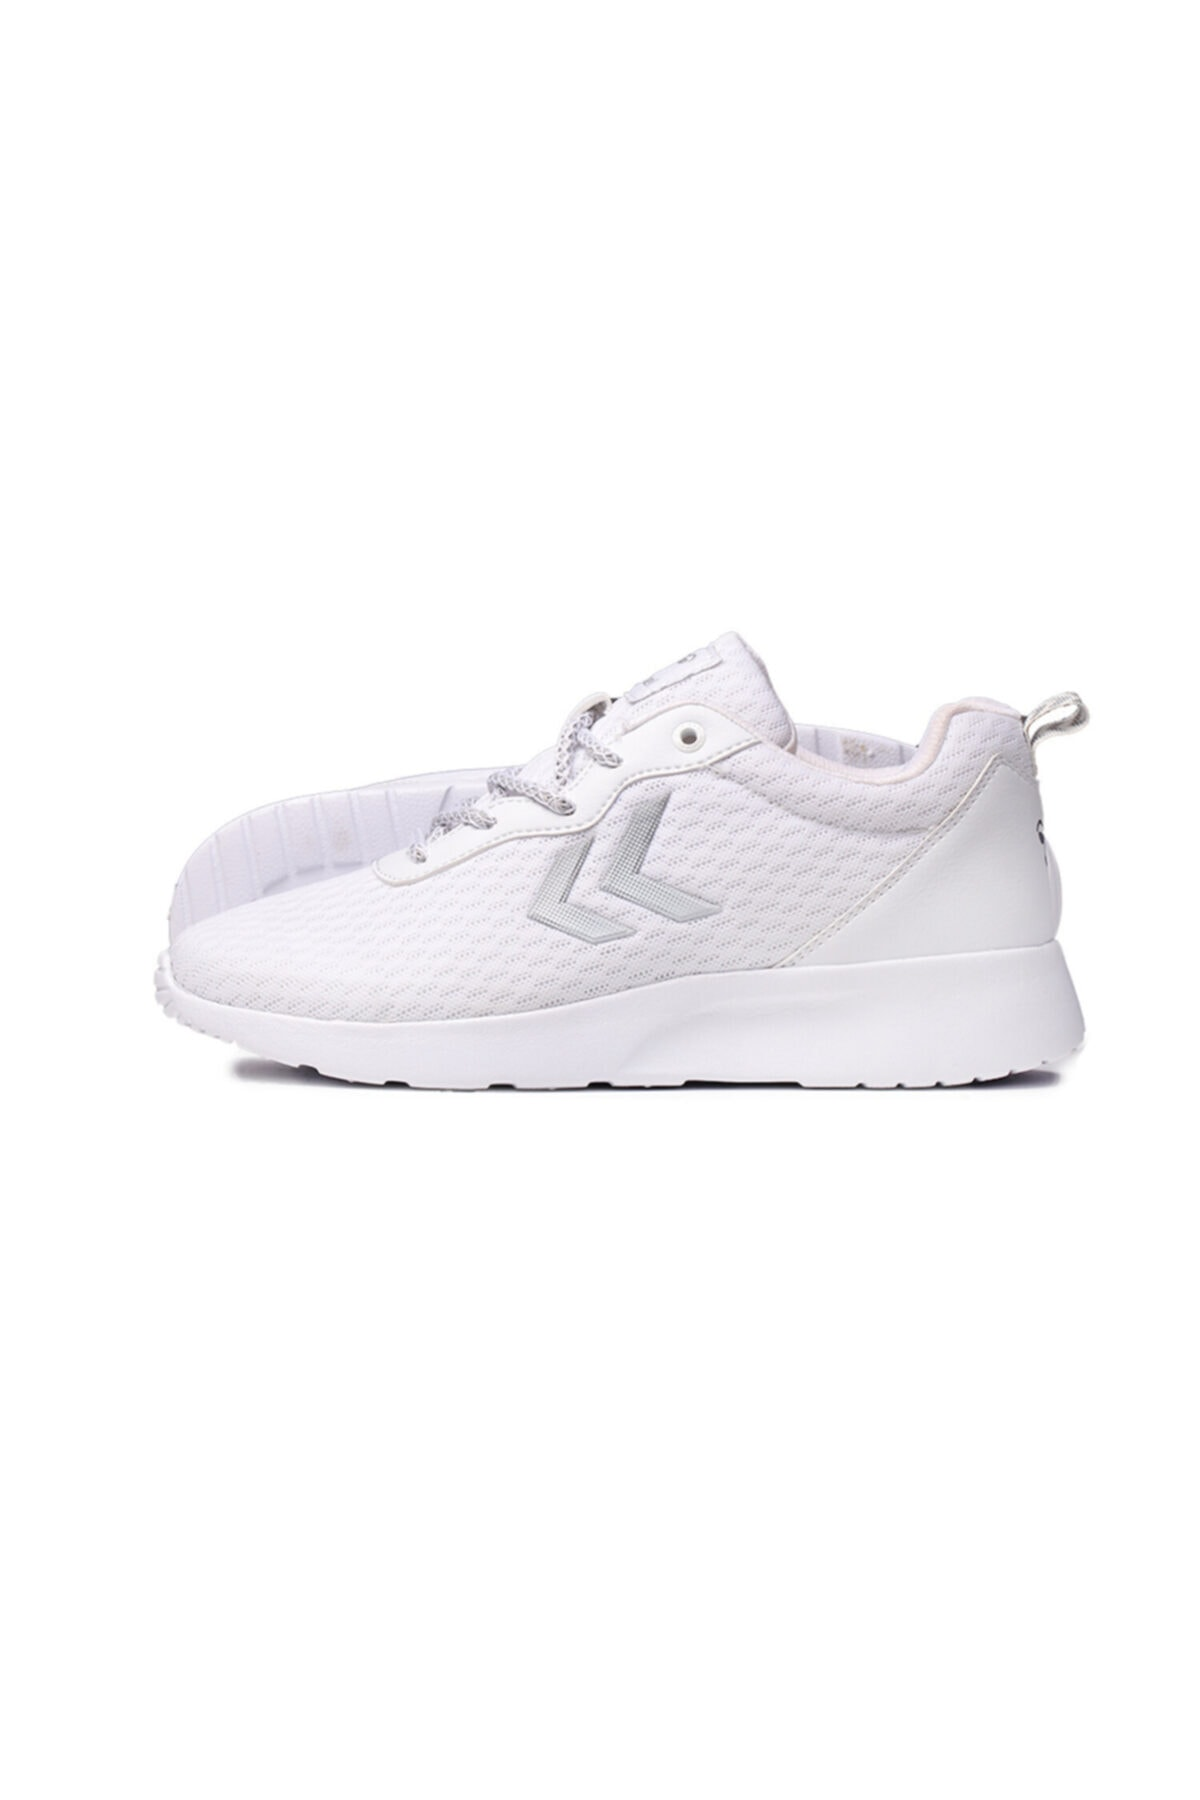 HUMMEL Hmloslo Sneaker-6 Beyaz Kadın Sneaker Ayakkabı 2